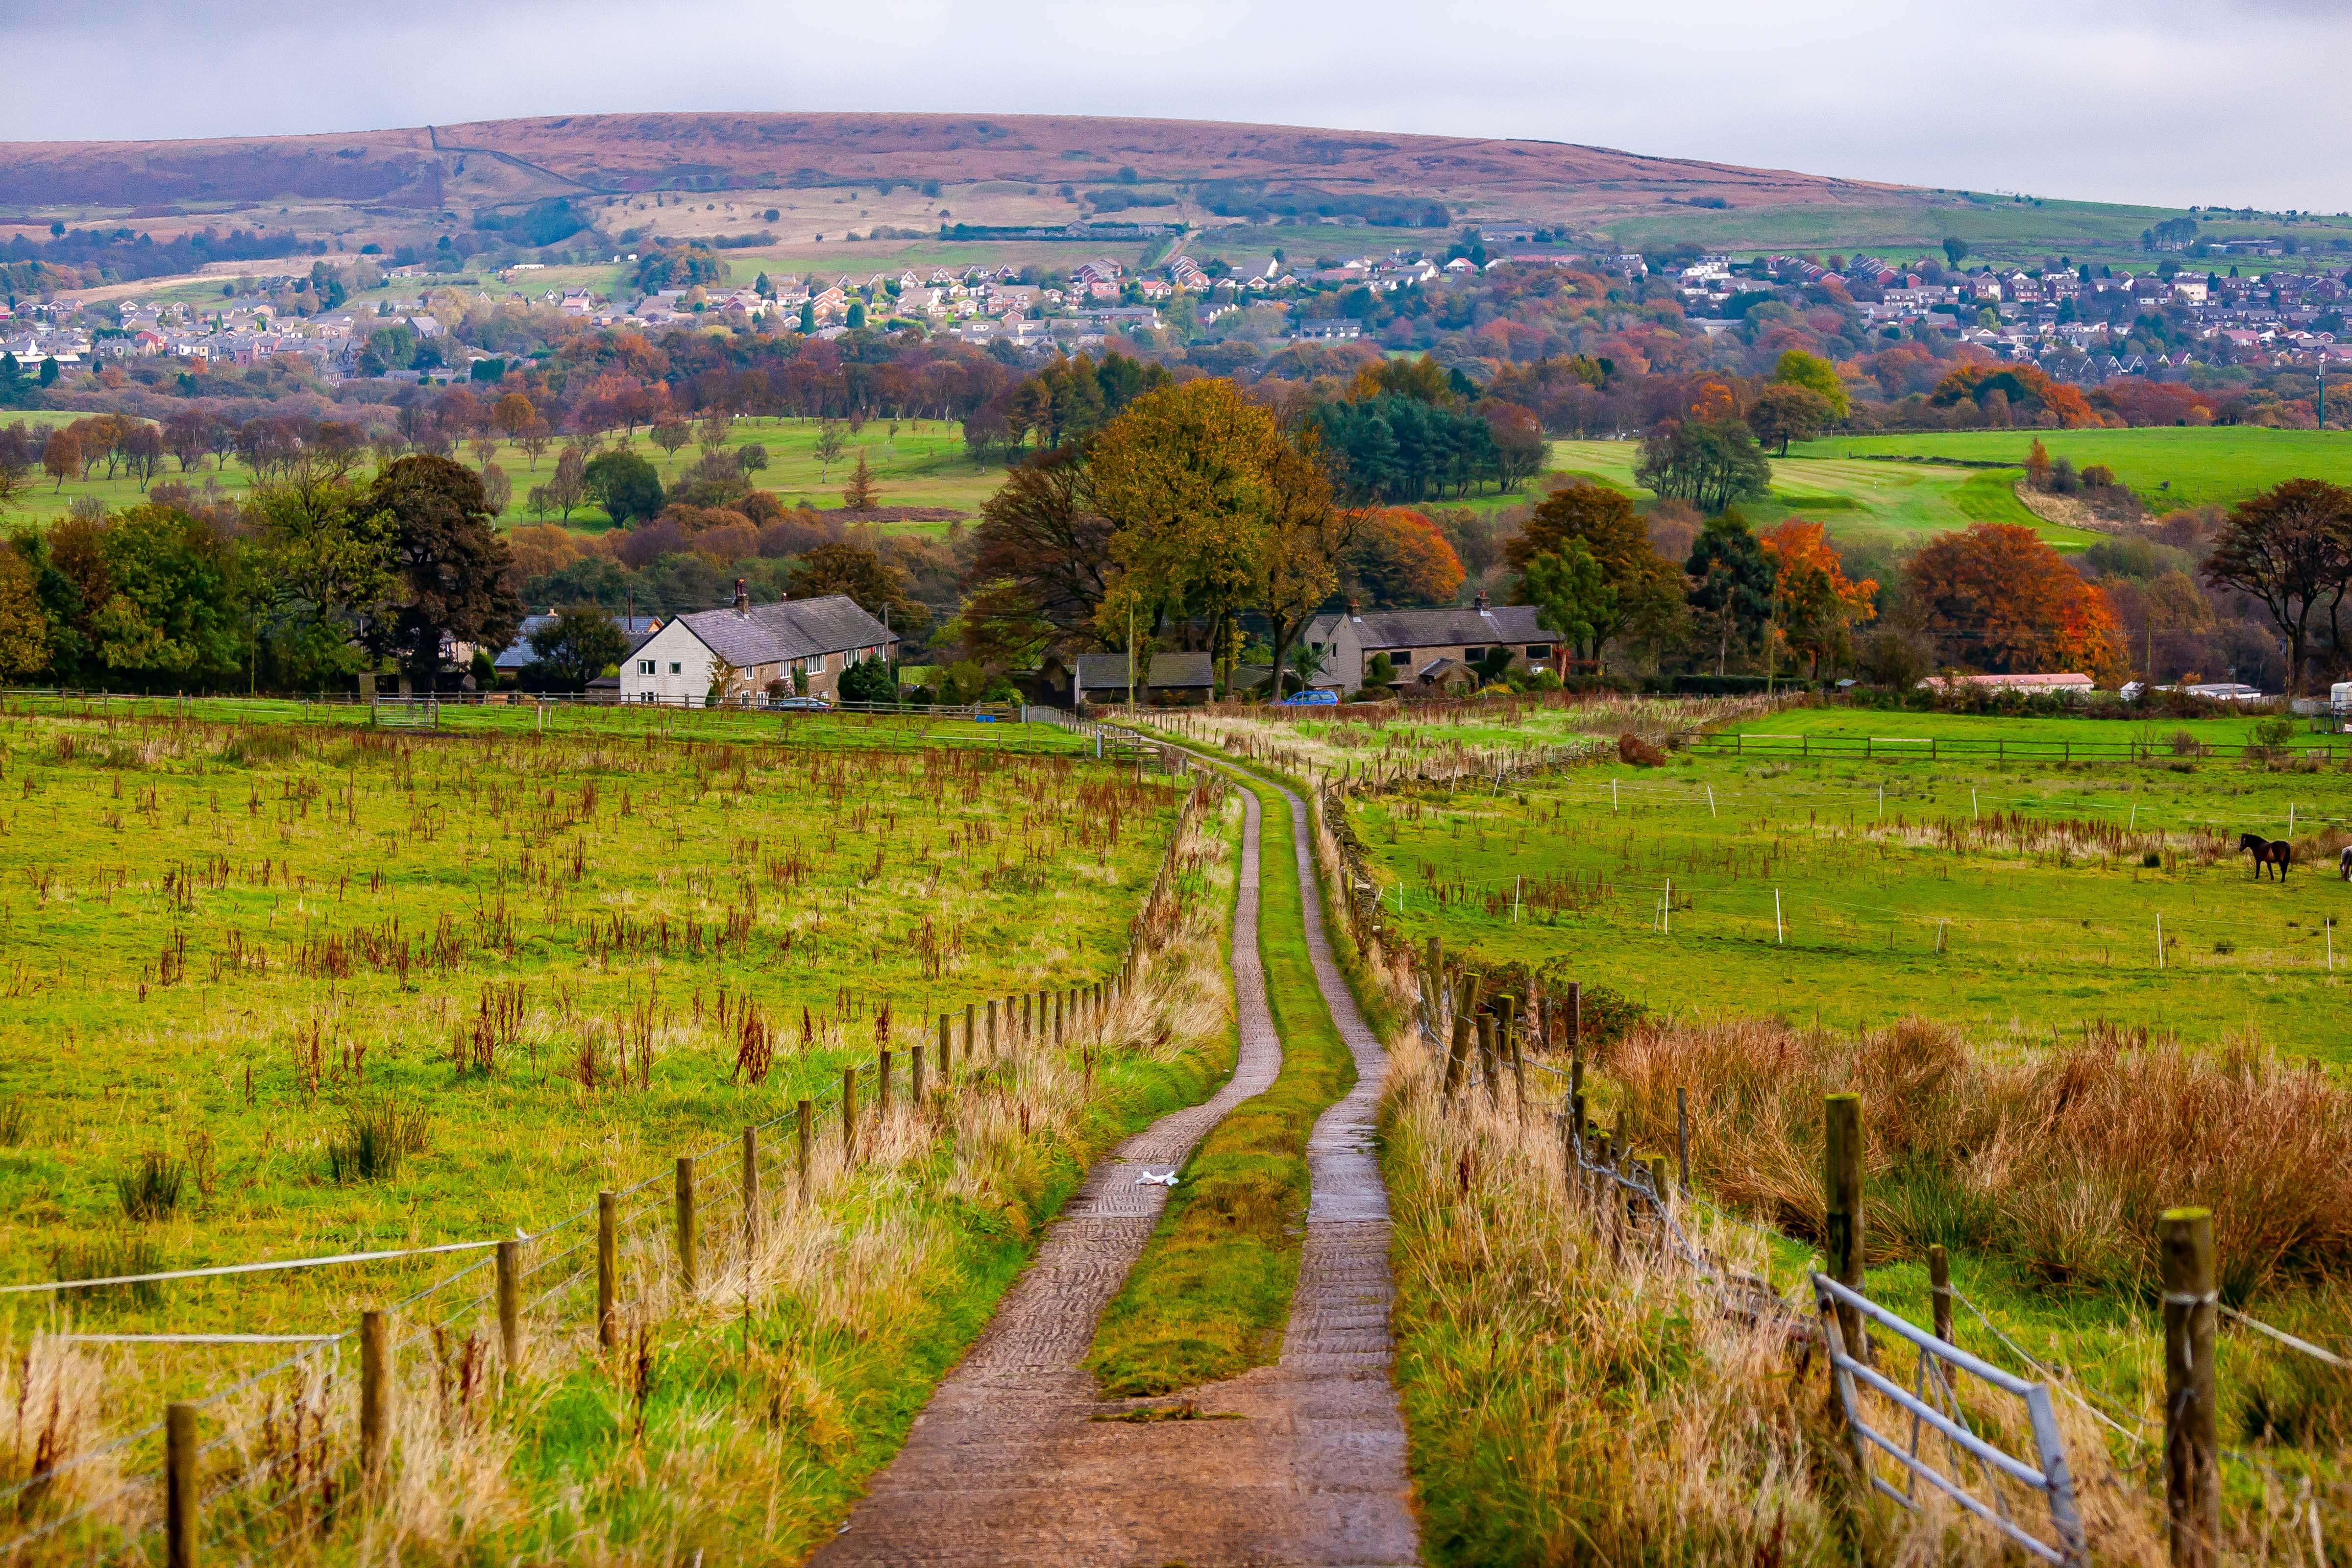 UK, Blackburn With Darwen Prov, Country Lane, 2009, IMG 6709